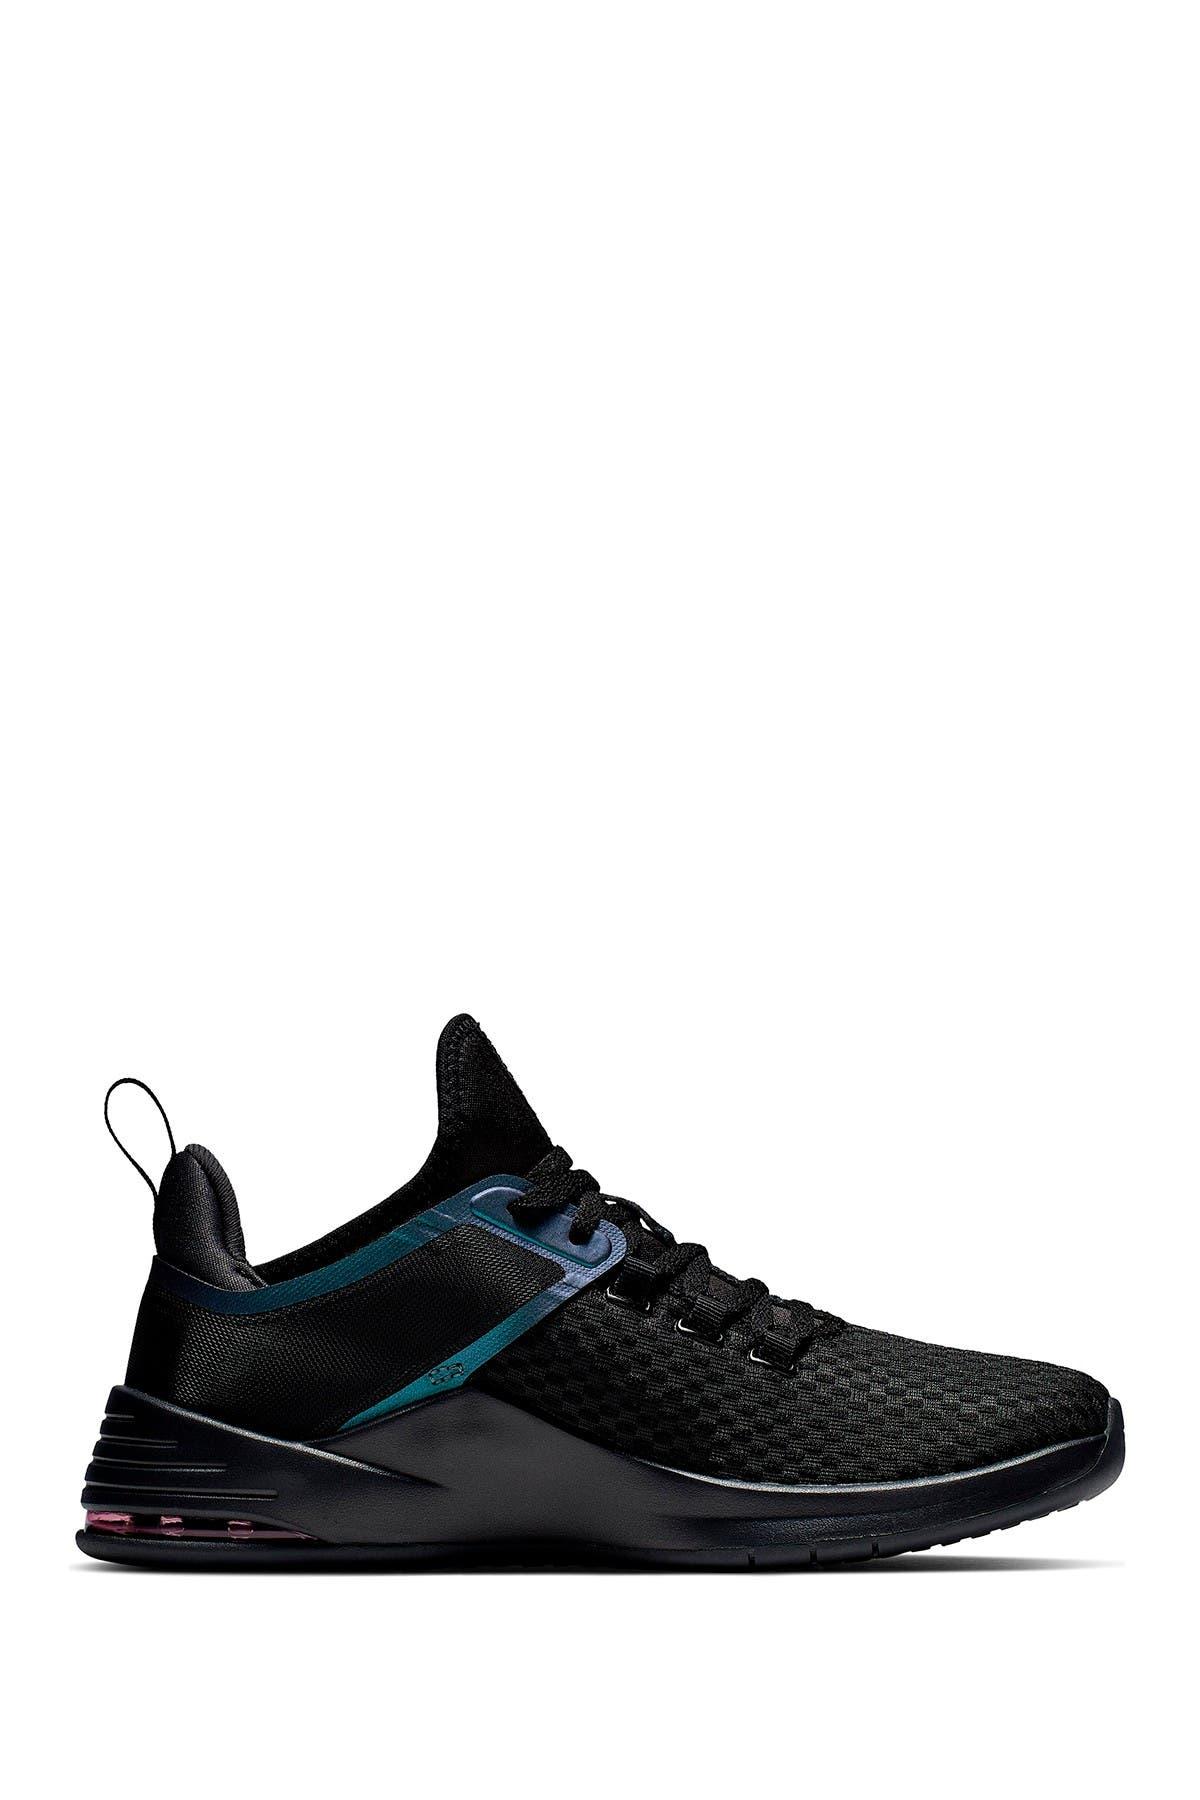 Nike | Air Max Bella TR 2 AMD Training